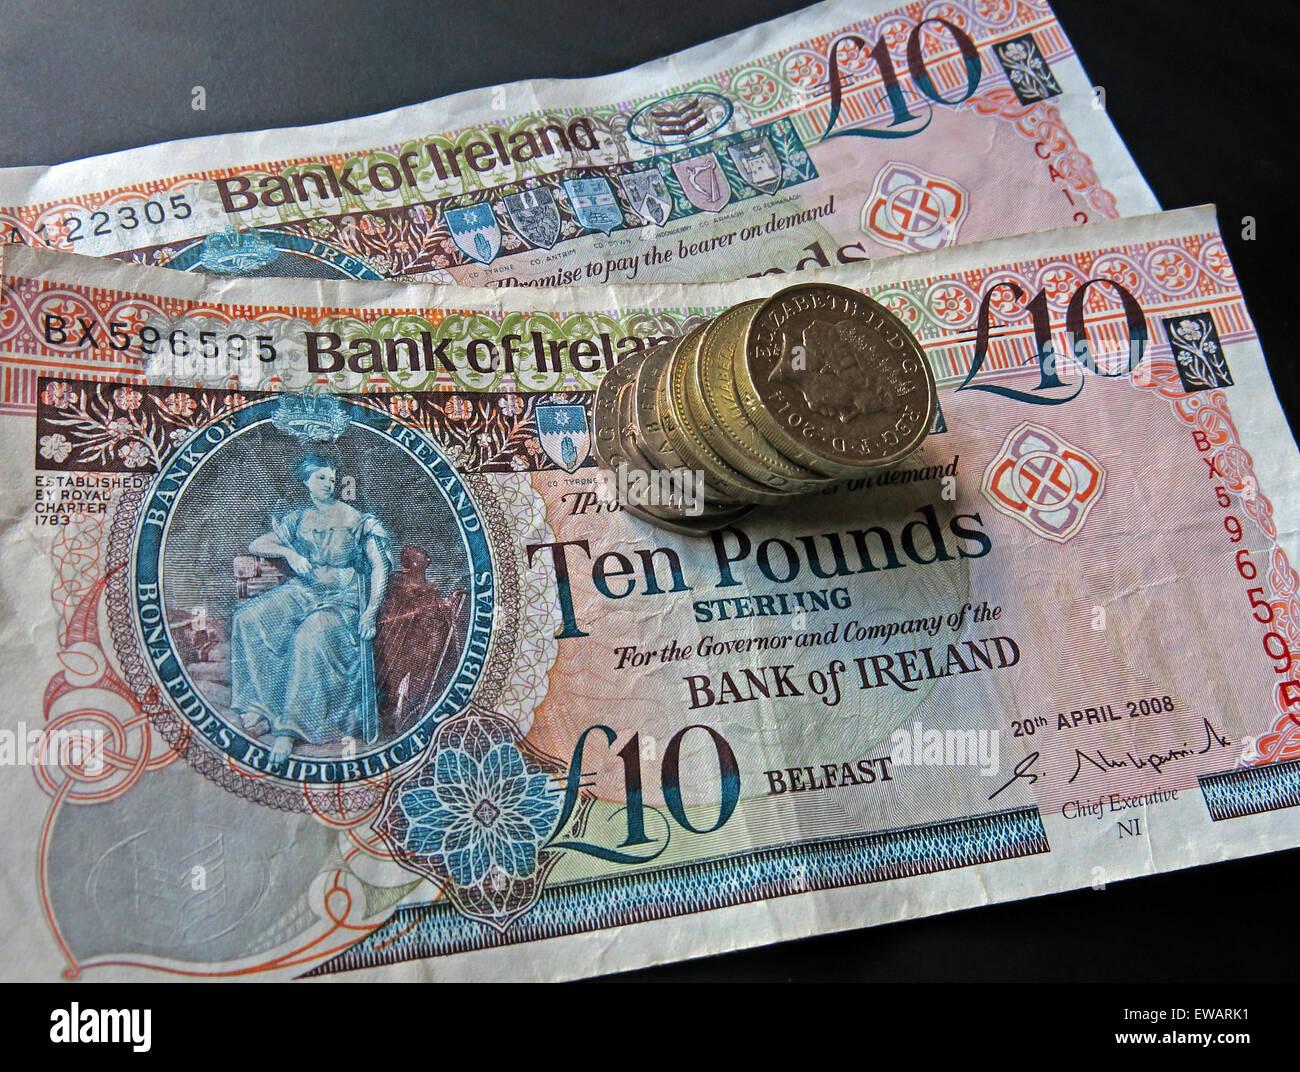 Laden Sie dieses Alamy Stockfoto Nördlichen irischen £5, £10 Notizen und Pfund-Münzen als gesetzliches Zahlungsmittel von der Bank Of Ireland Belfast - EWARK1